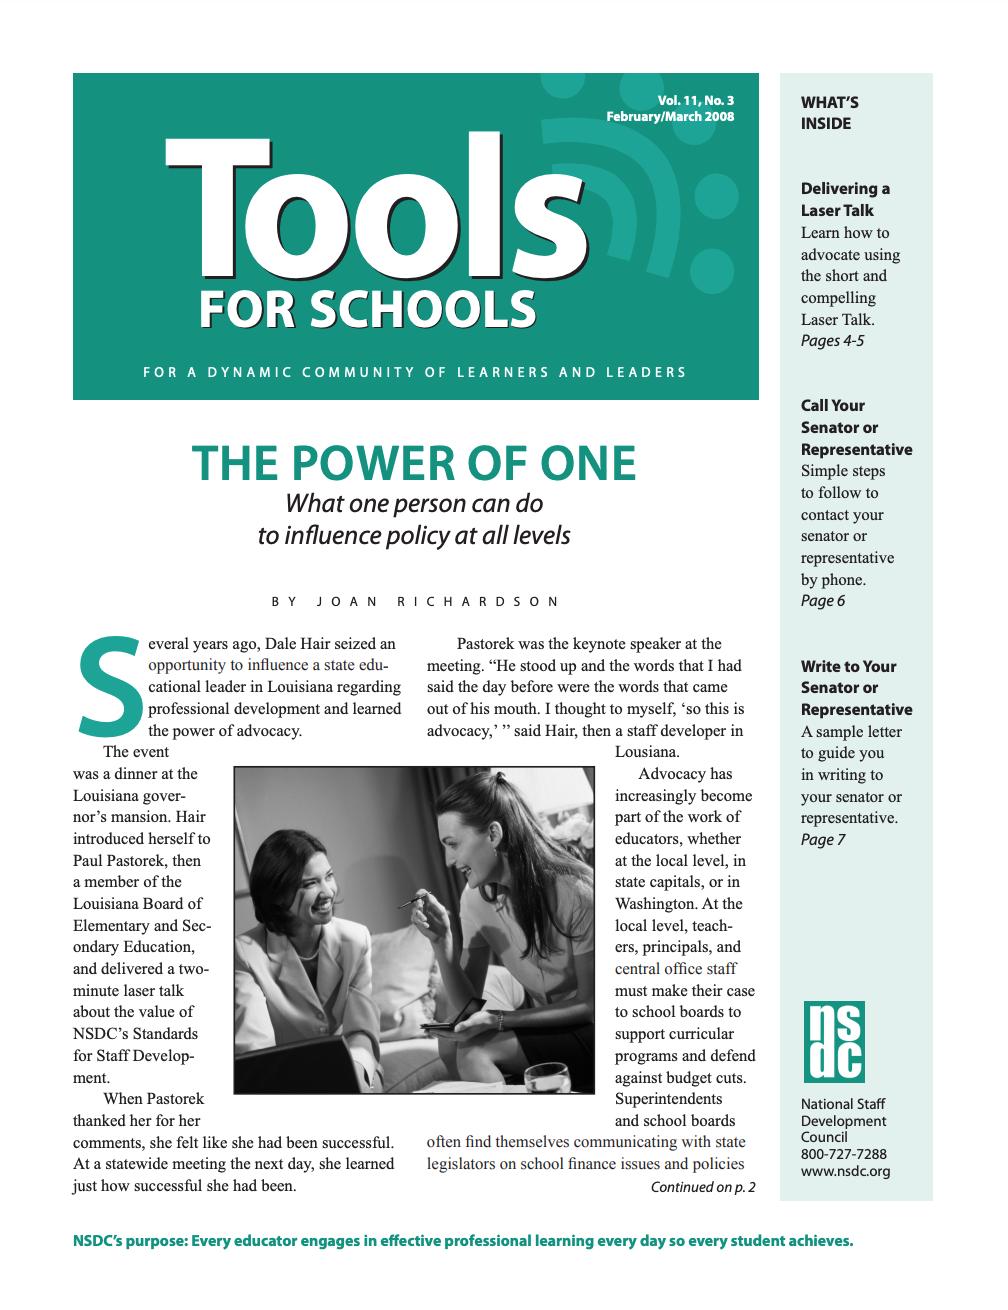 tools-for-schools-february-march-2008-vol-11-no-3